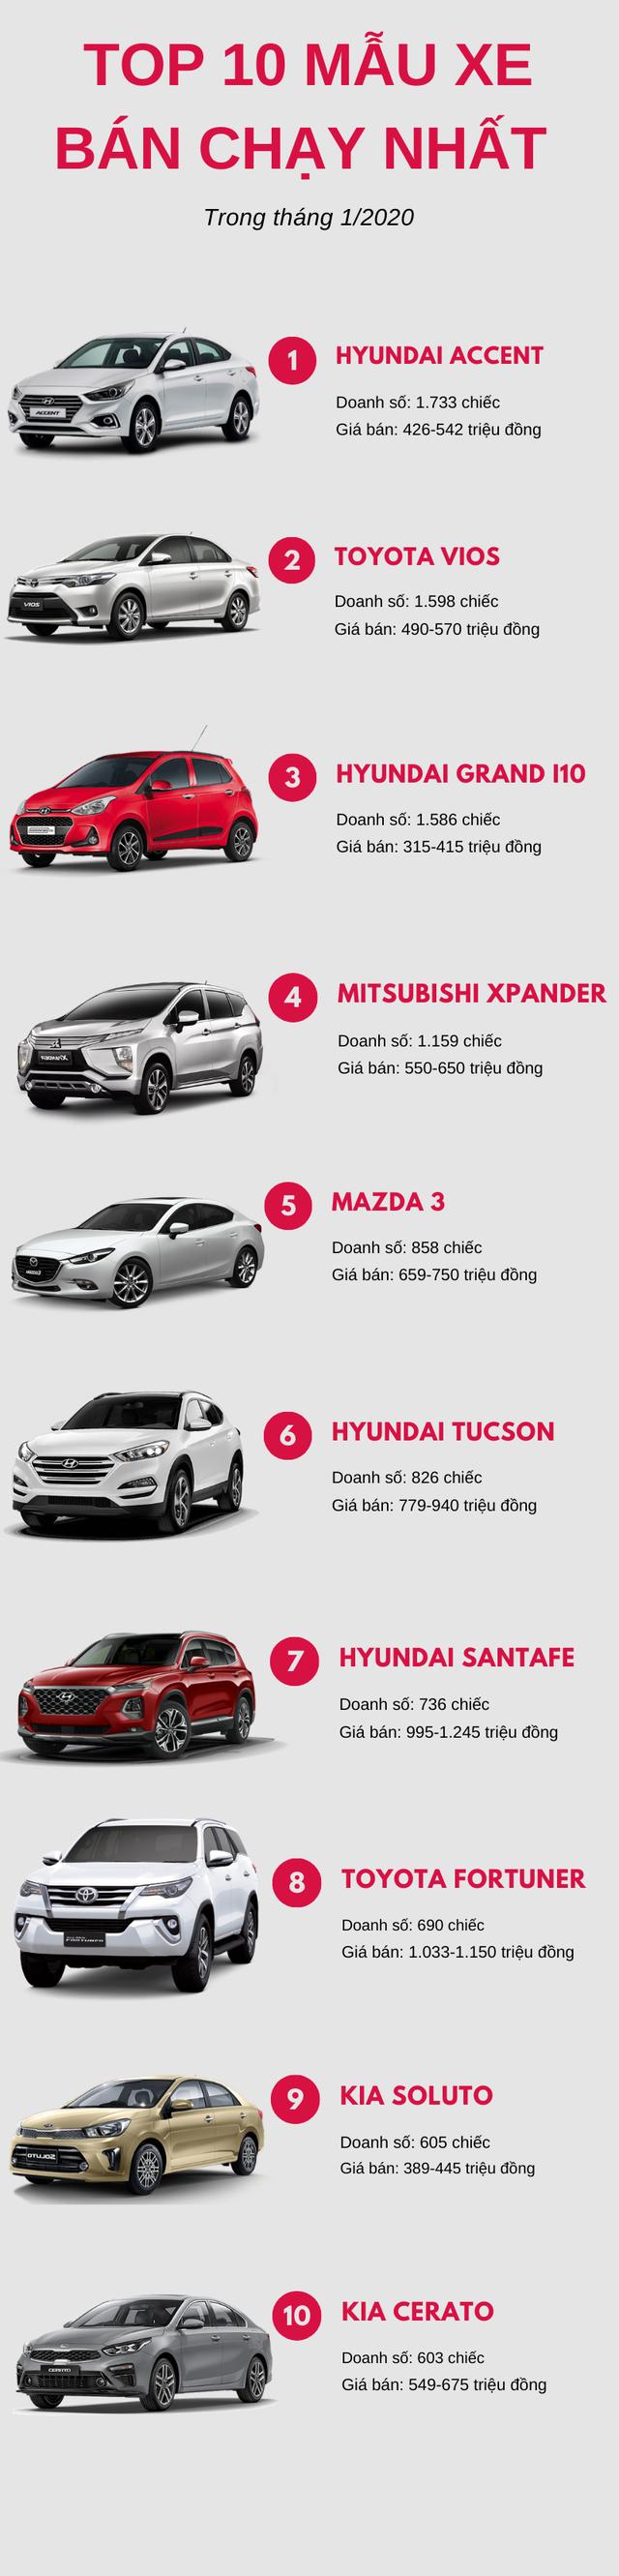 Top 10 ô tô bán chạy nhất tháng 1/2020: Hyundai góp mặt 4 mẫu xe, Mitsubishi Xpander bất ngờ tụt hạng - Ảnh 1.